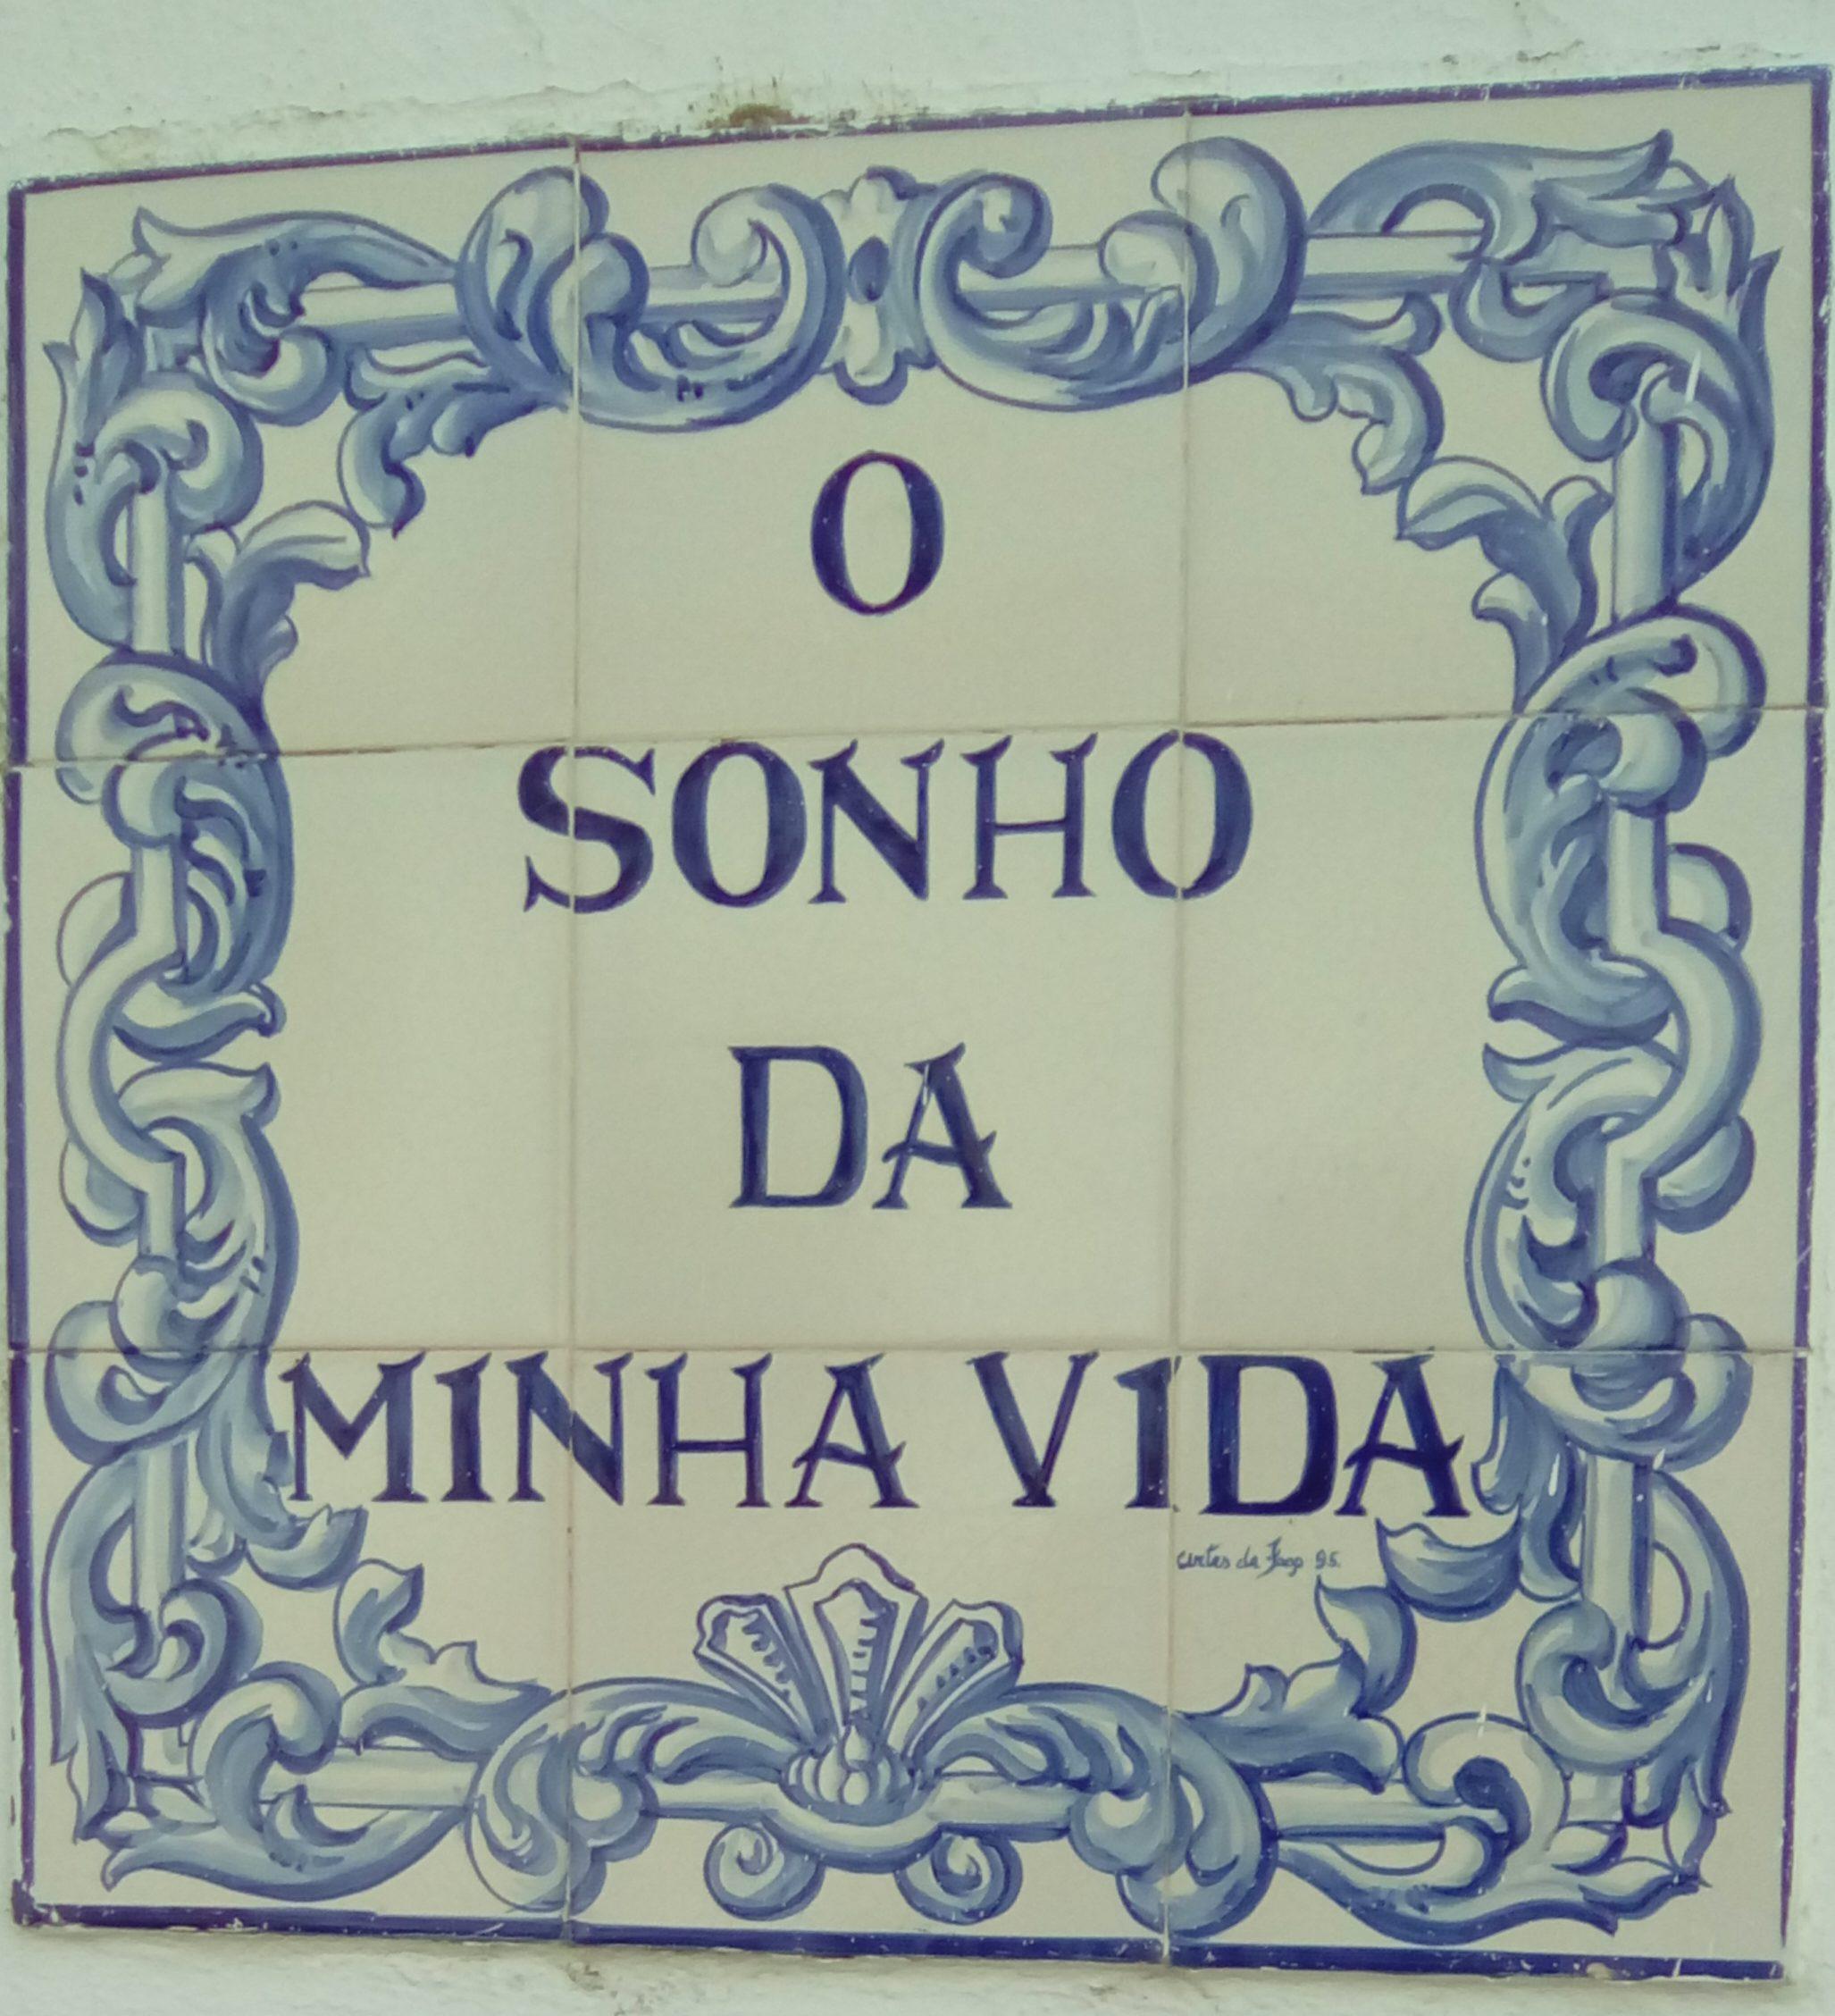 Il sottile richiamo del Portogallo